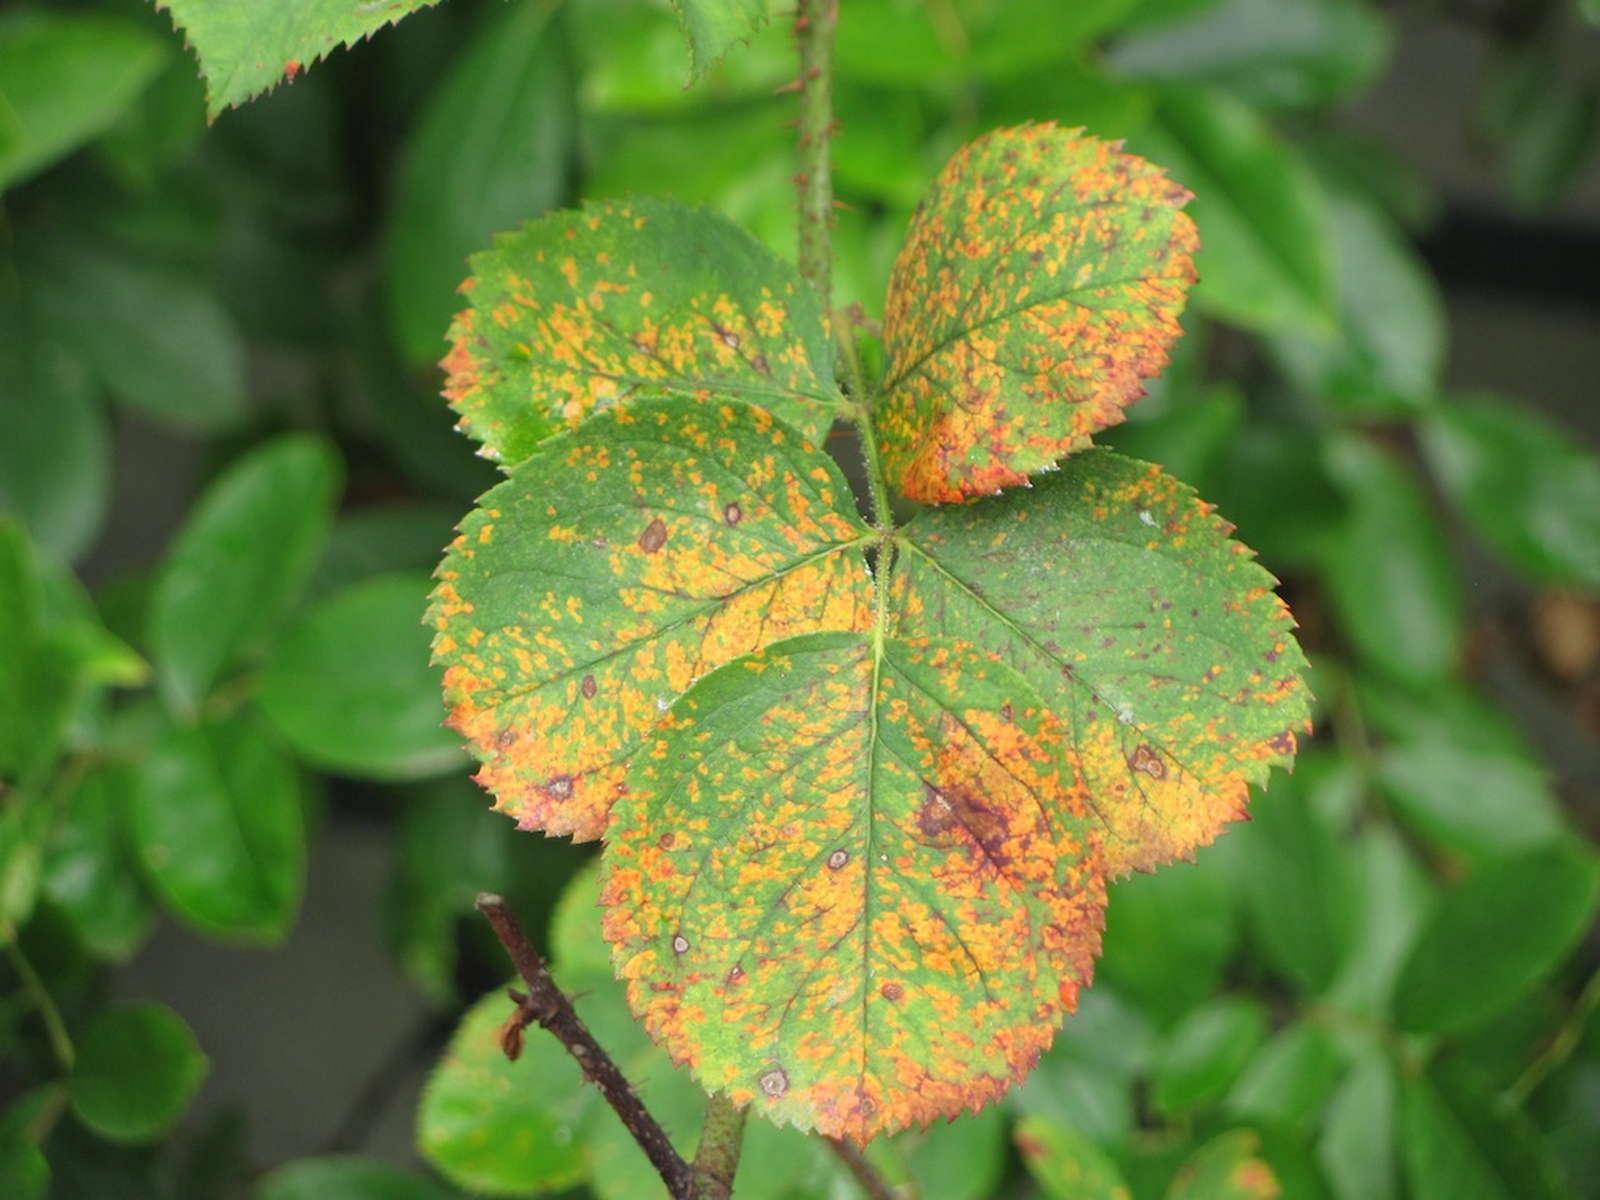 Berühmt Rosenrost: erkennen, vorbeugen und bekämpfen - Plantura &CZ_99